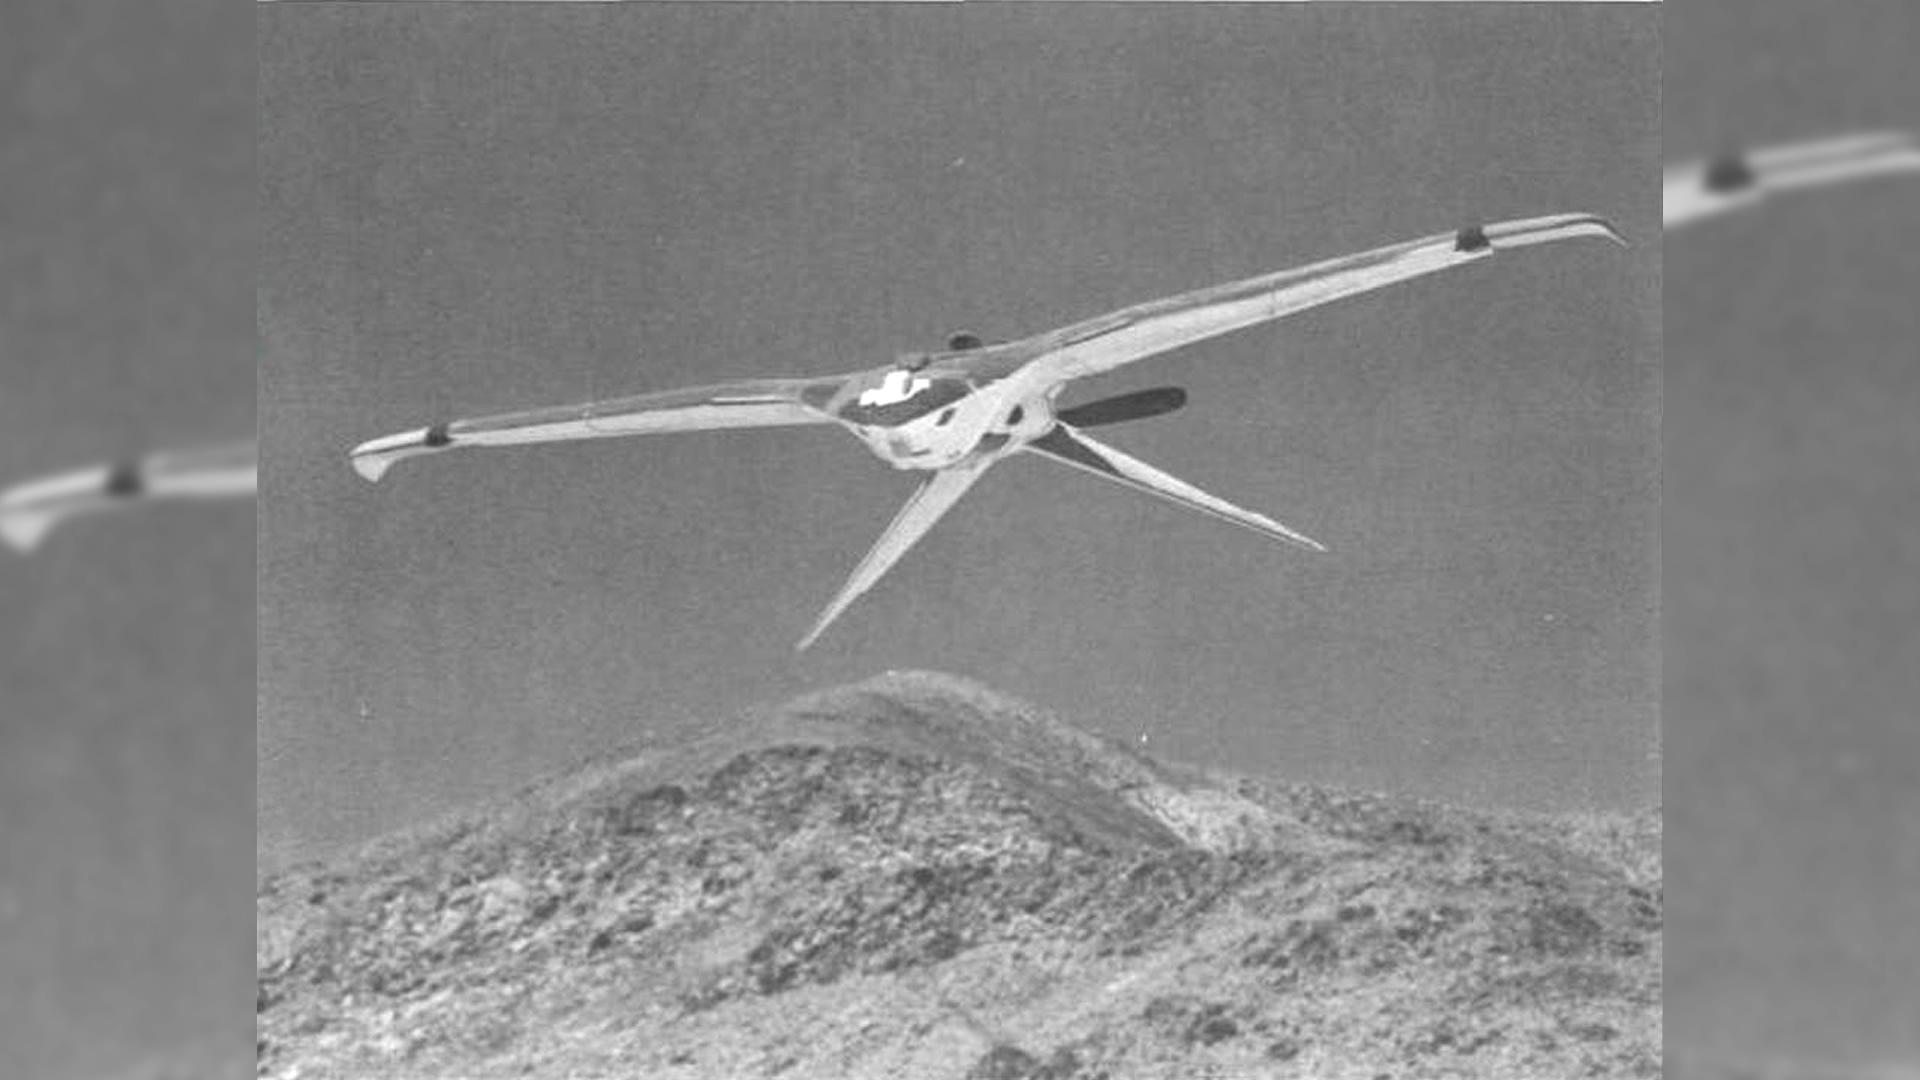 CIA desclasifica avión no tripulado «Stealth Drone» de los años 70, con propulsión nuclear